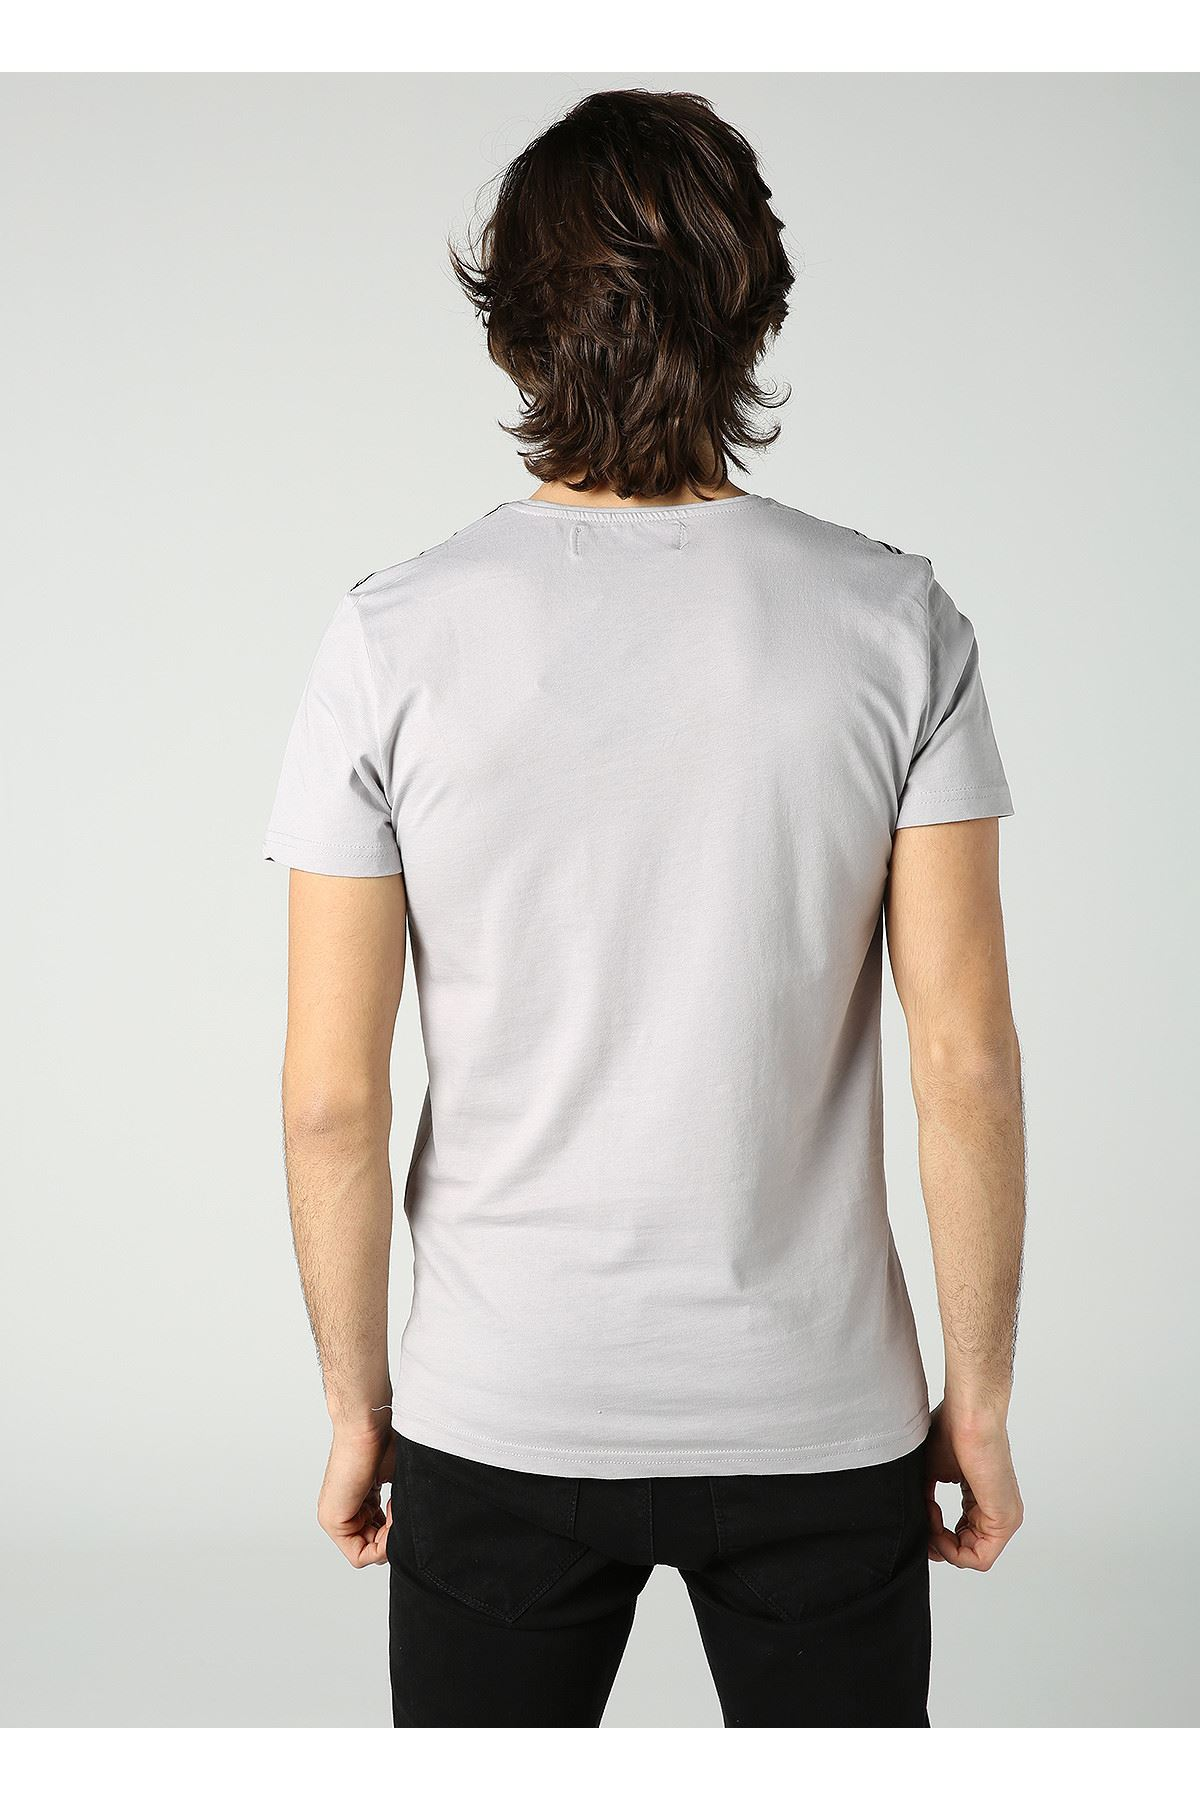 Bisiklet Yaka Çizgi Baskılı Erkek Gri T-Shirt